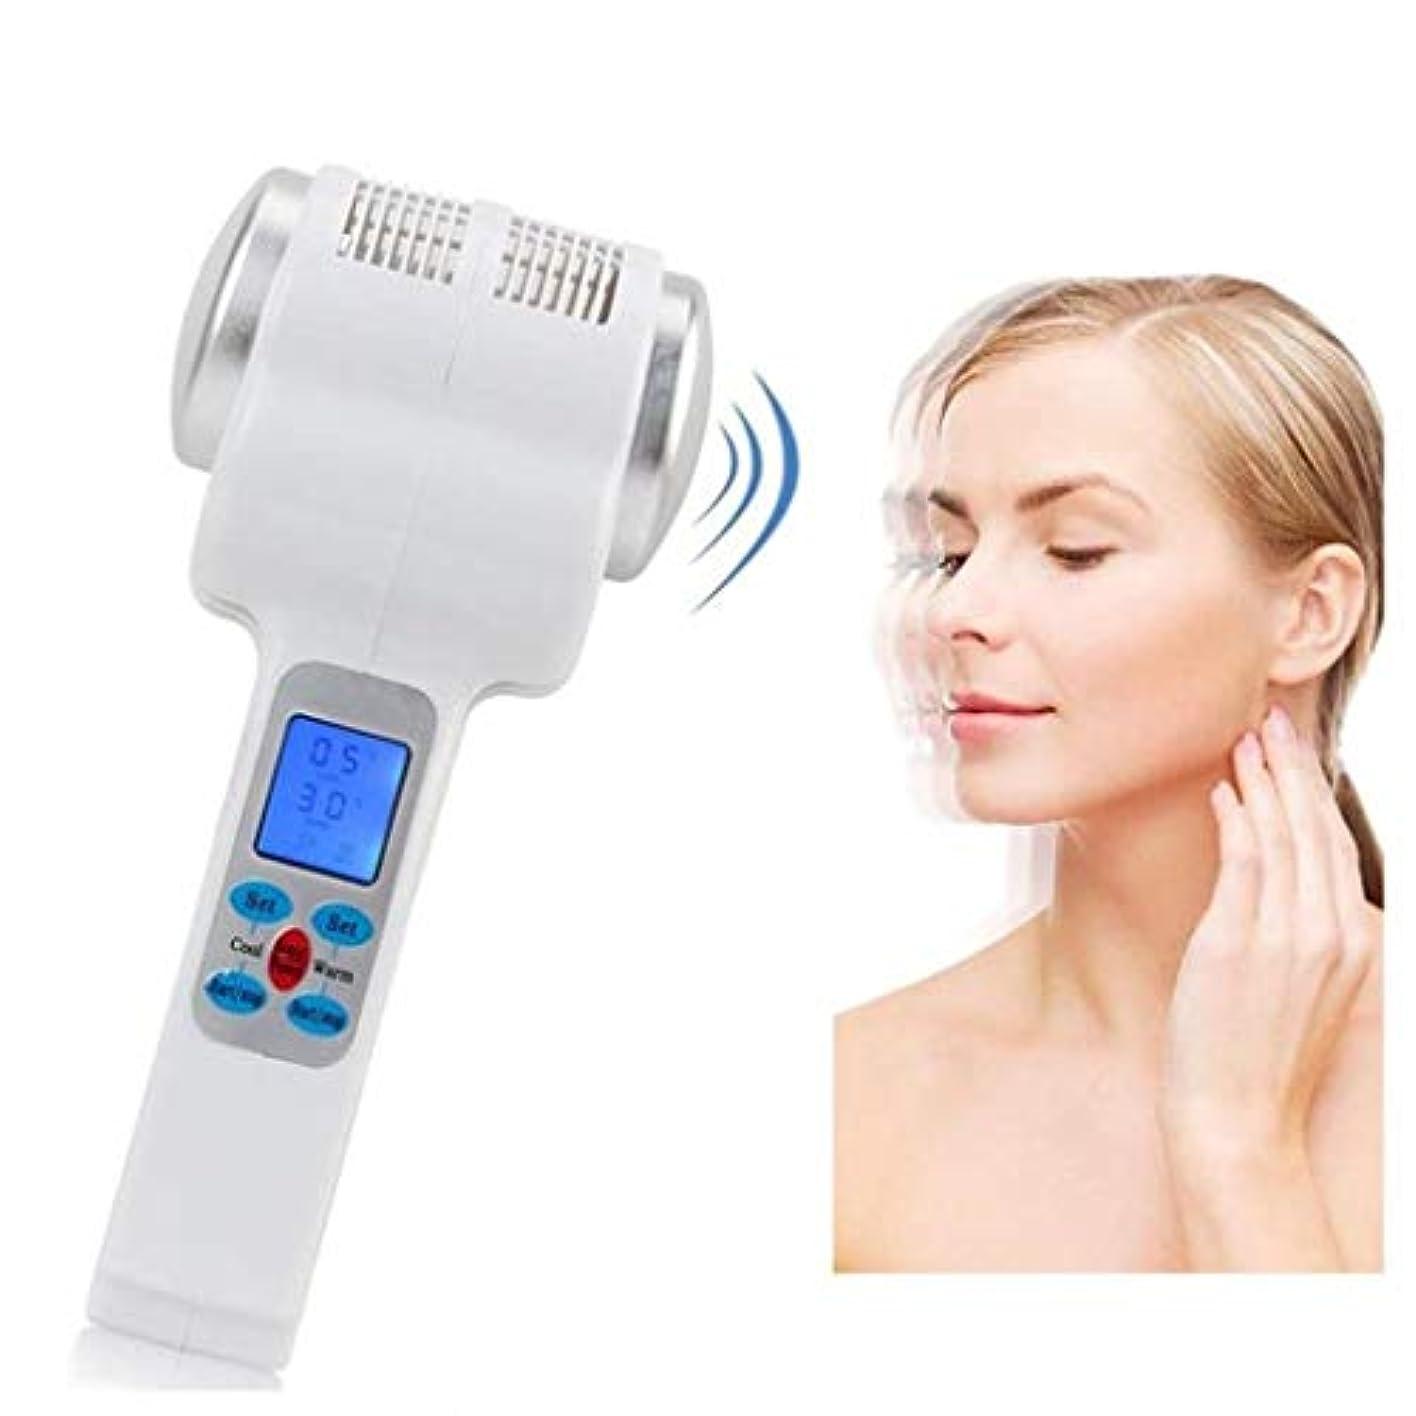 オークション密学校美容器具、顔の振動マッサージ、ホット凍結療法、リフティングフェイシャルスキンビューティーマシン、肌を引き締めて細い線を改善する